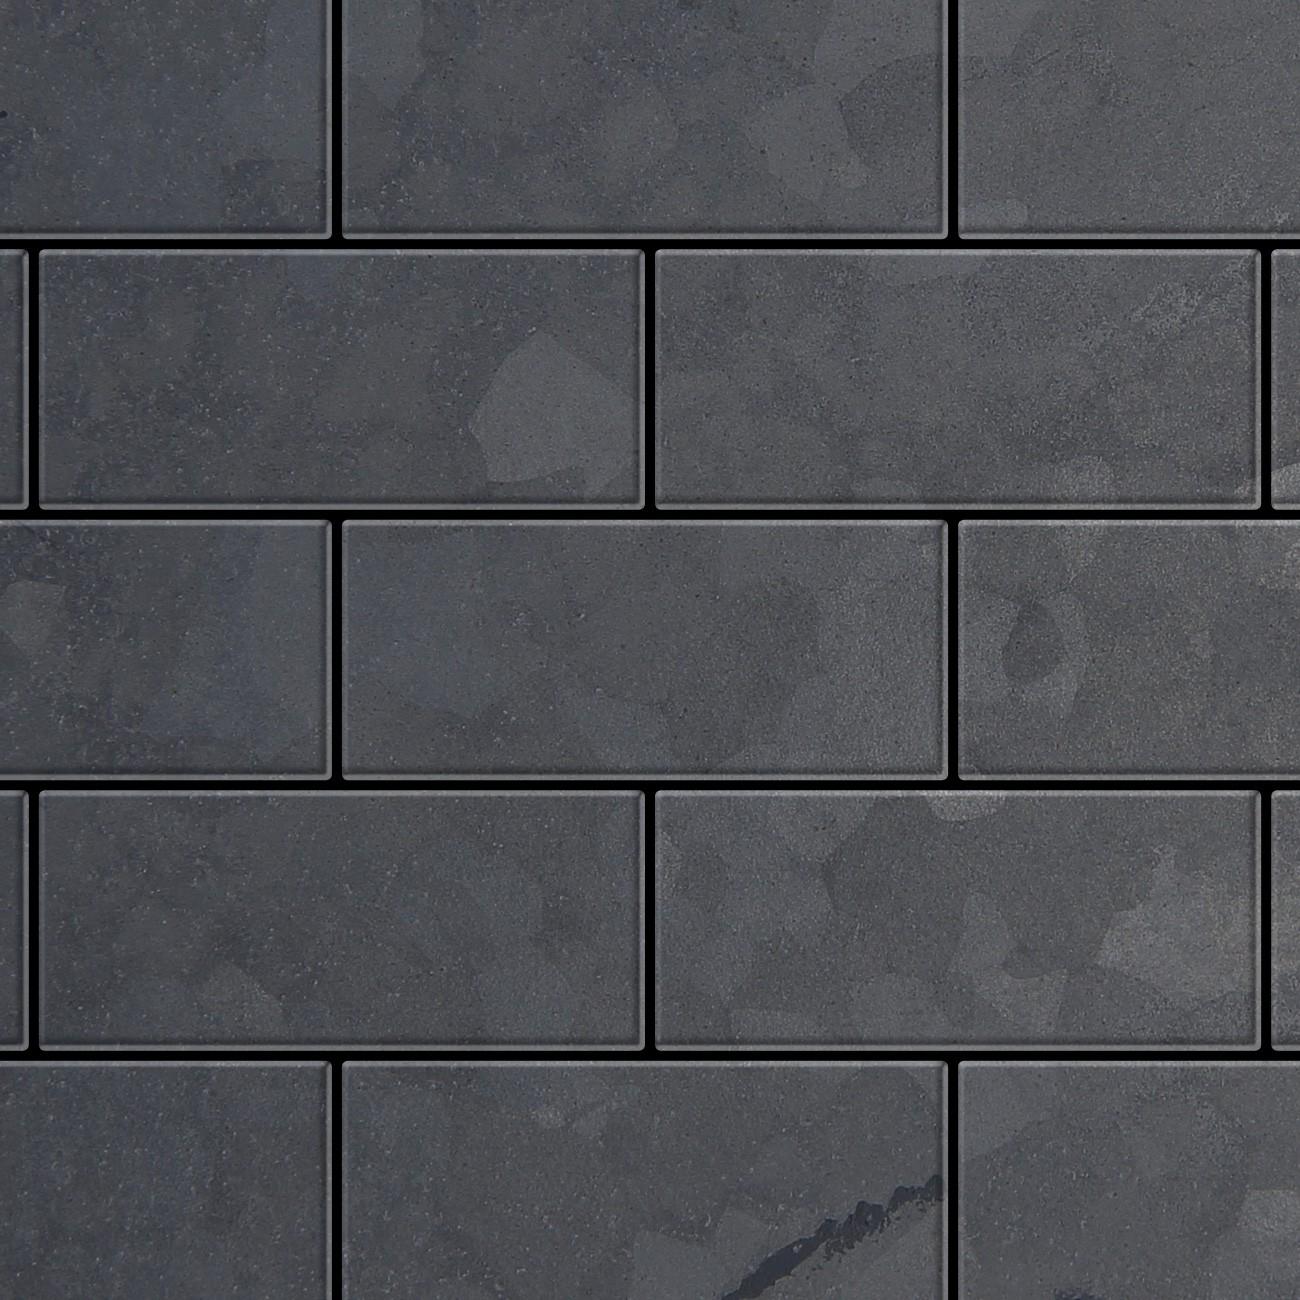 metallmosaik fliesen aus massivem rohstahl gewalzt in grau 1 6mm stark artikel subway rs aus. Black Bedroom Furniture Sets. Home Design Ideas